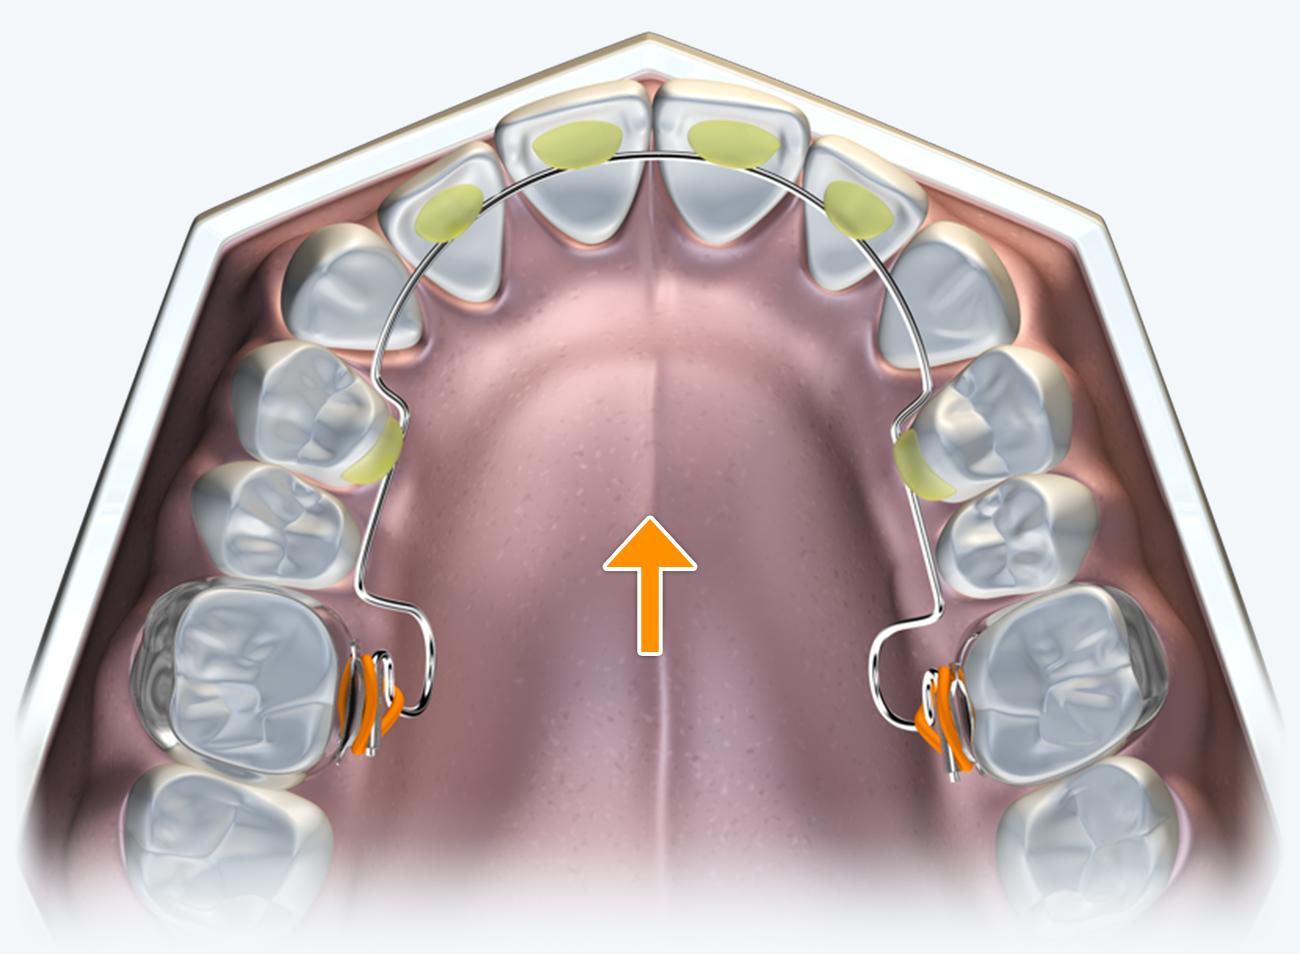 No palatal component